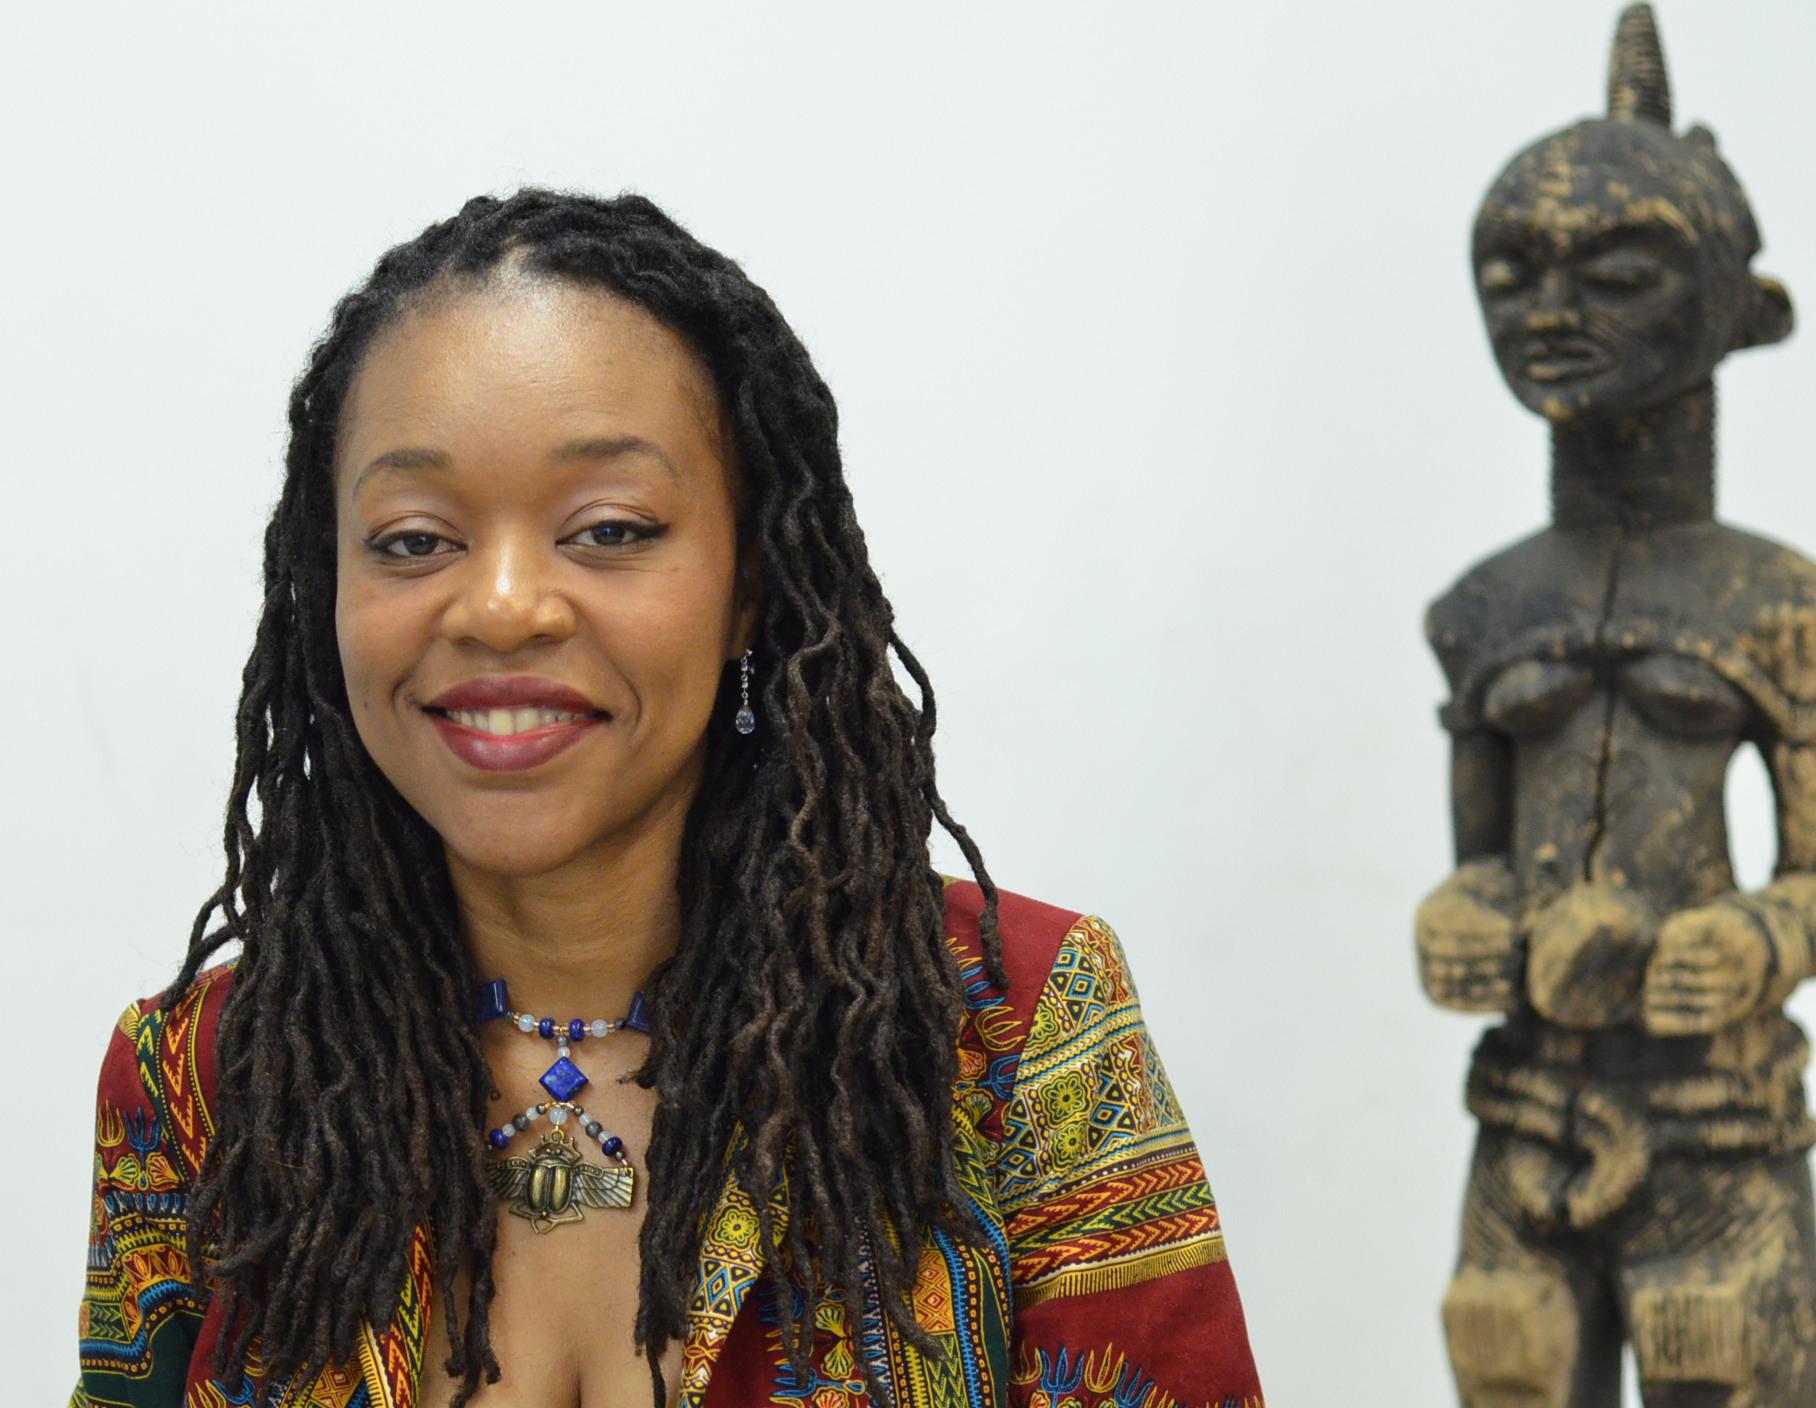 Bobette_Ngiedi_Lelo,_animatrice,_chargée_d'études_et_de_projets